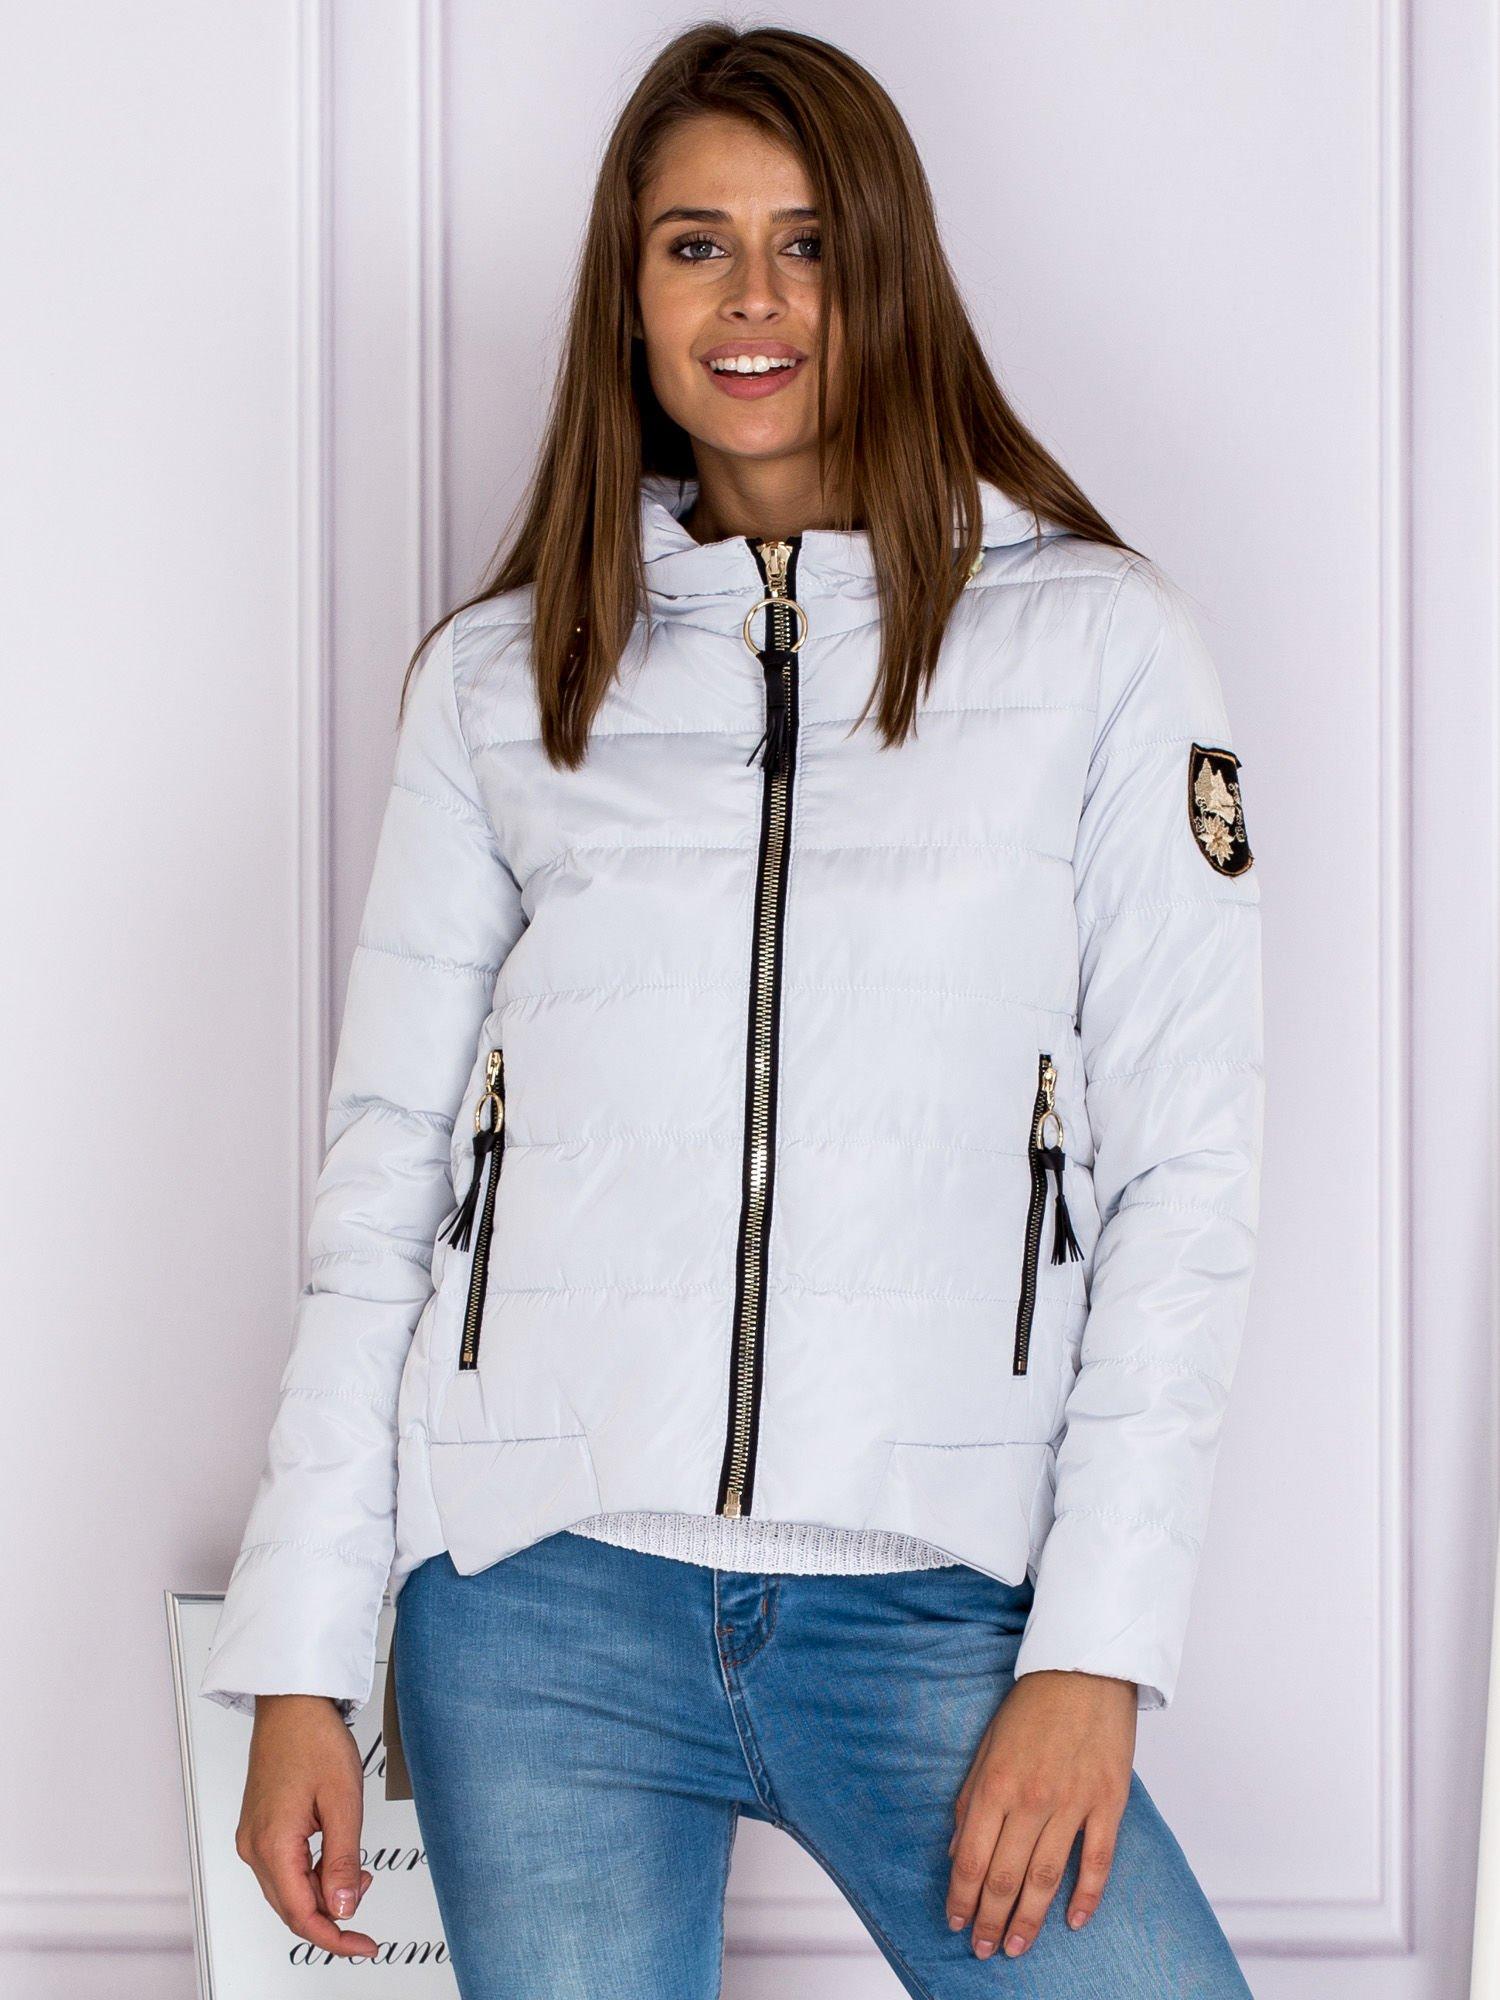 d430a7e12be2 Asymetryczna kurtka zimowa z kapturem szara - Kurtka zimowa - sklep ...